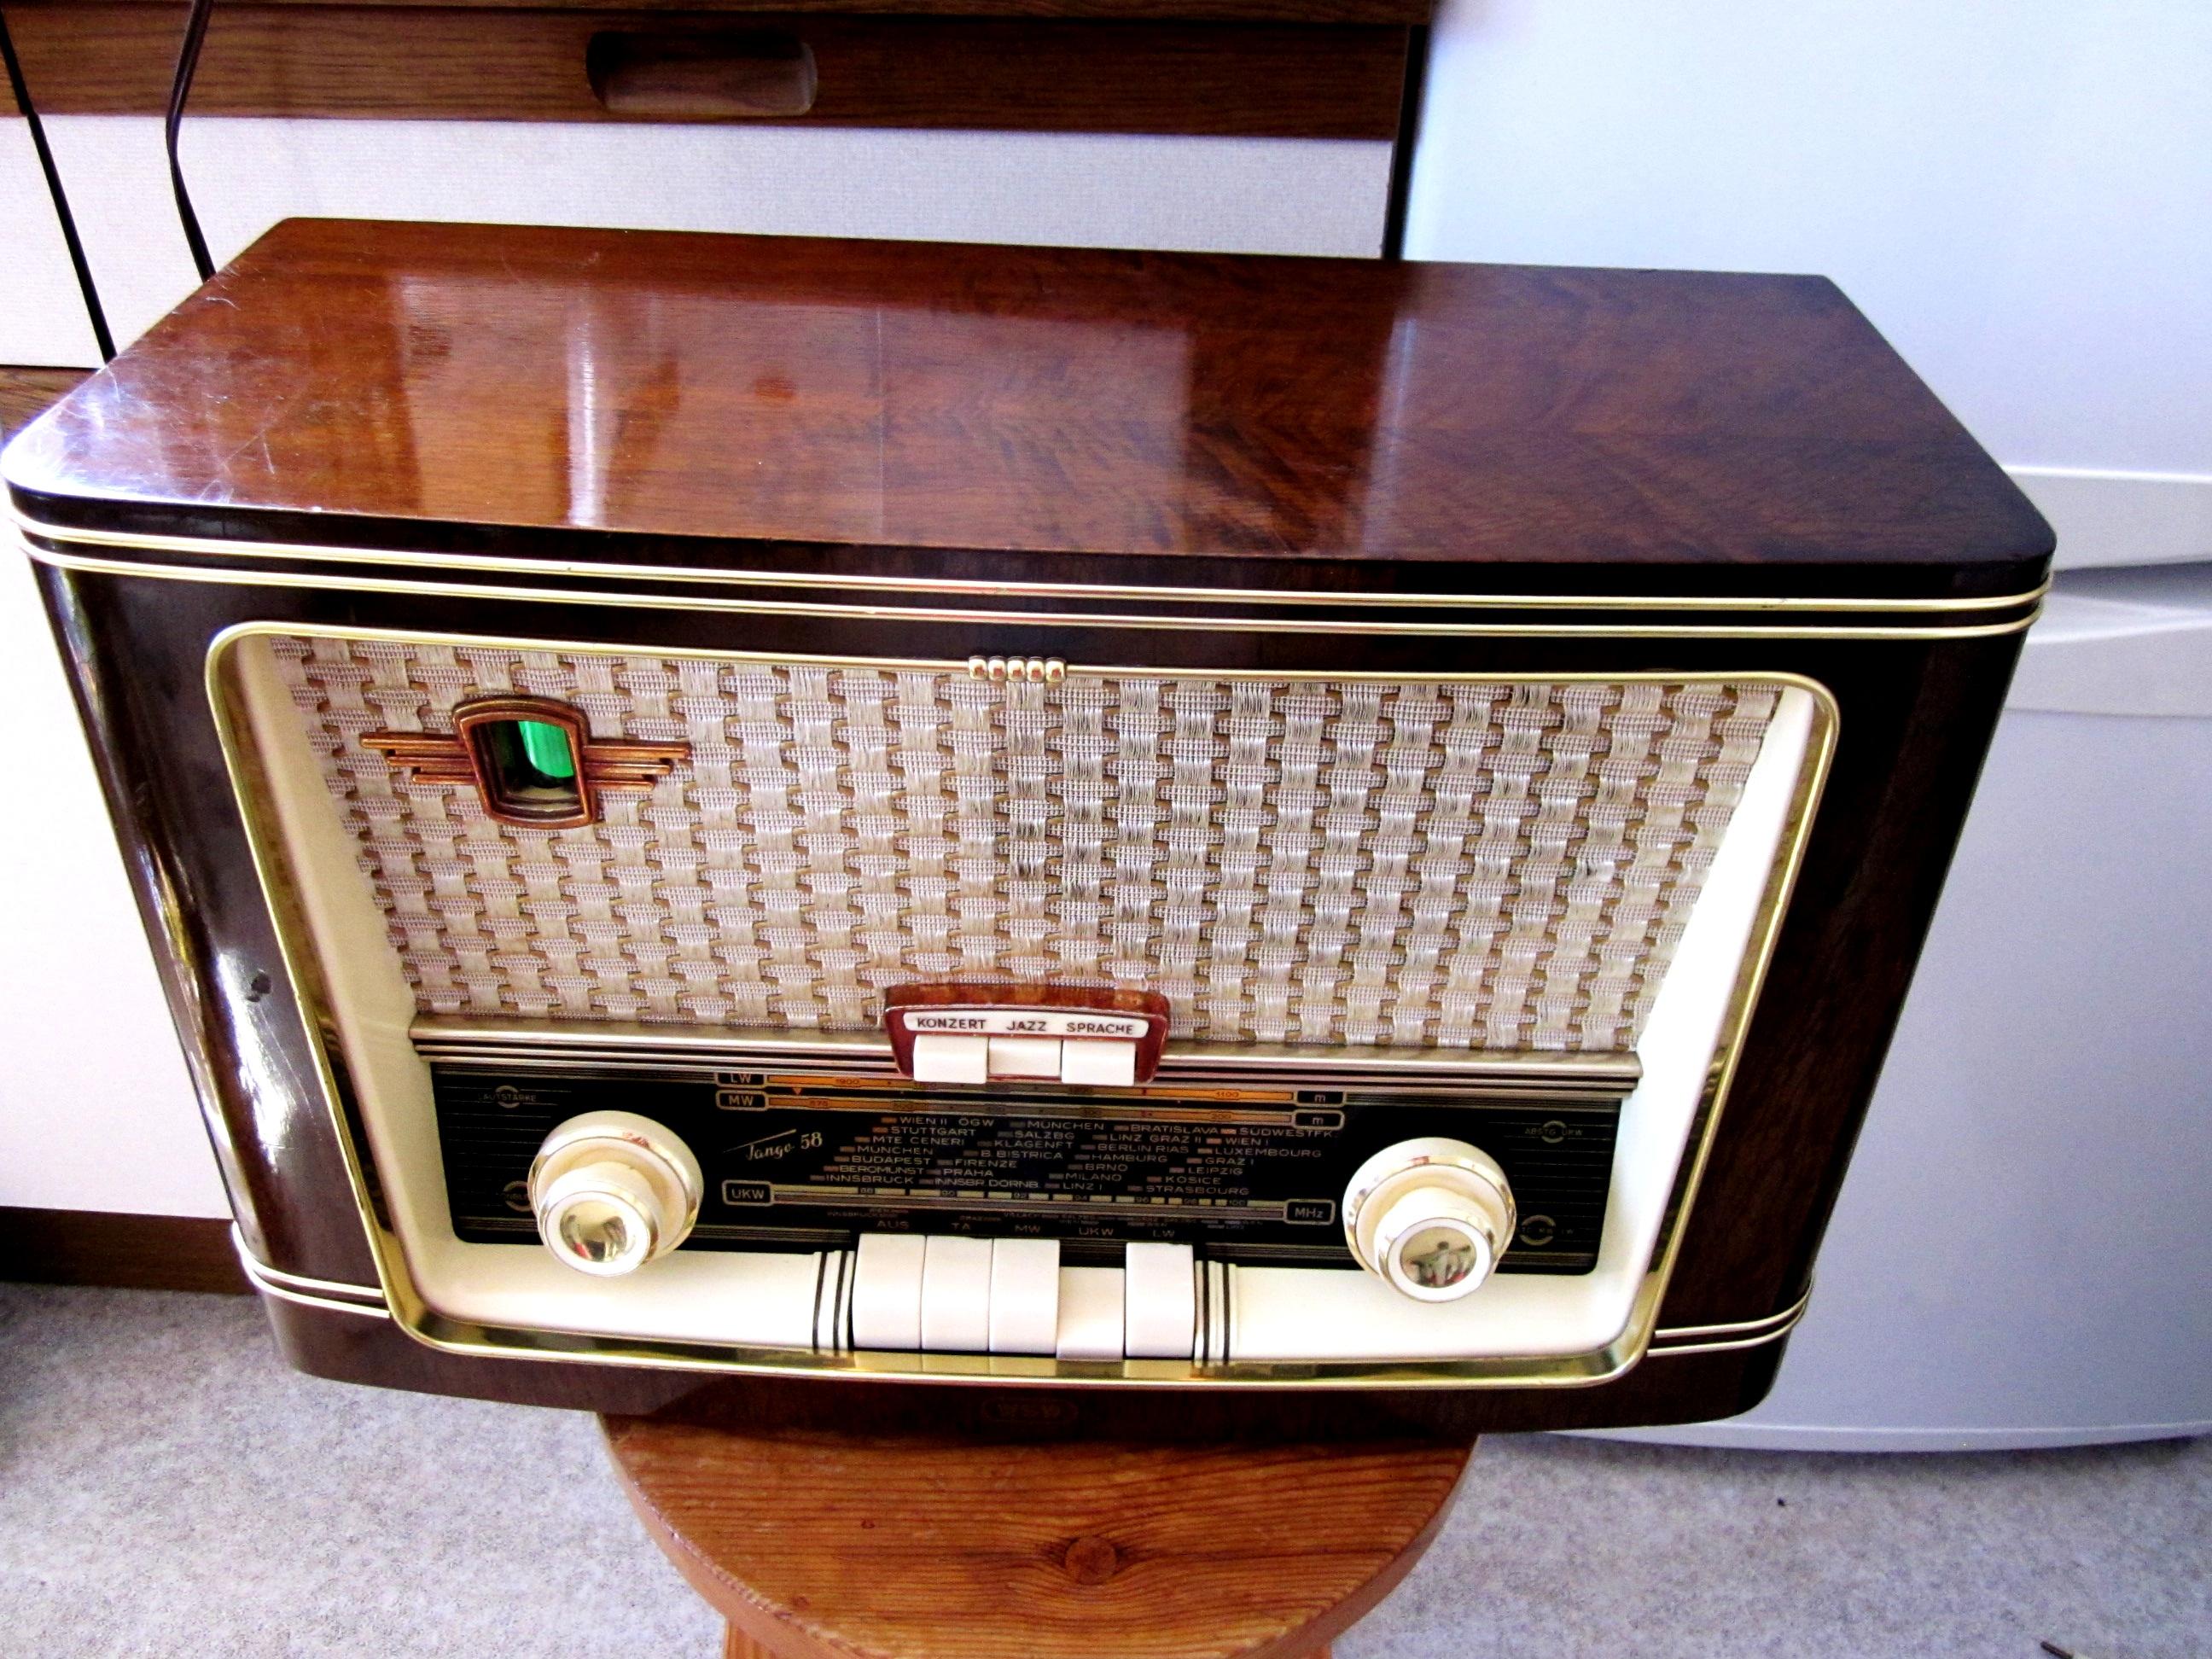 Ламповые радиоприёмники деда Панфила - Страница 3 5c1061ddae3cfc3982cca5aa919b4f7a